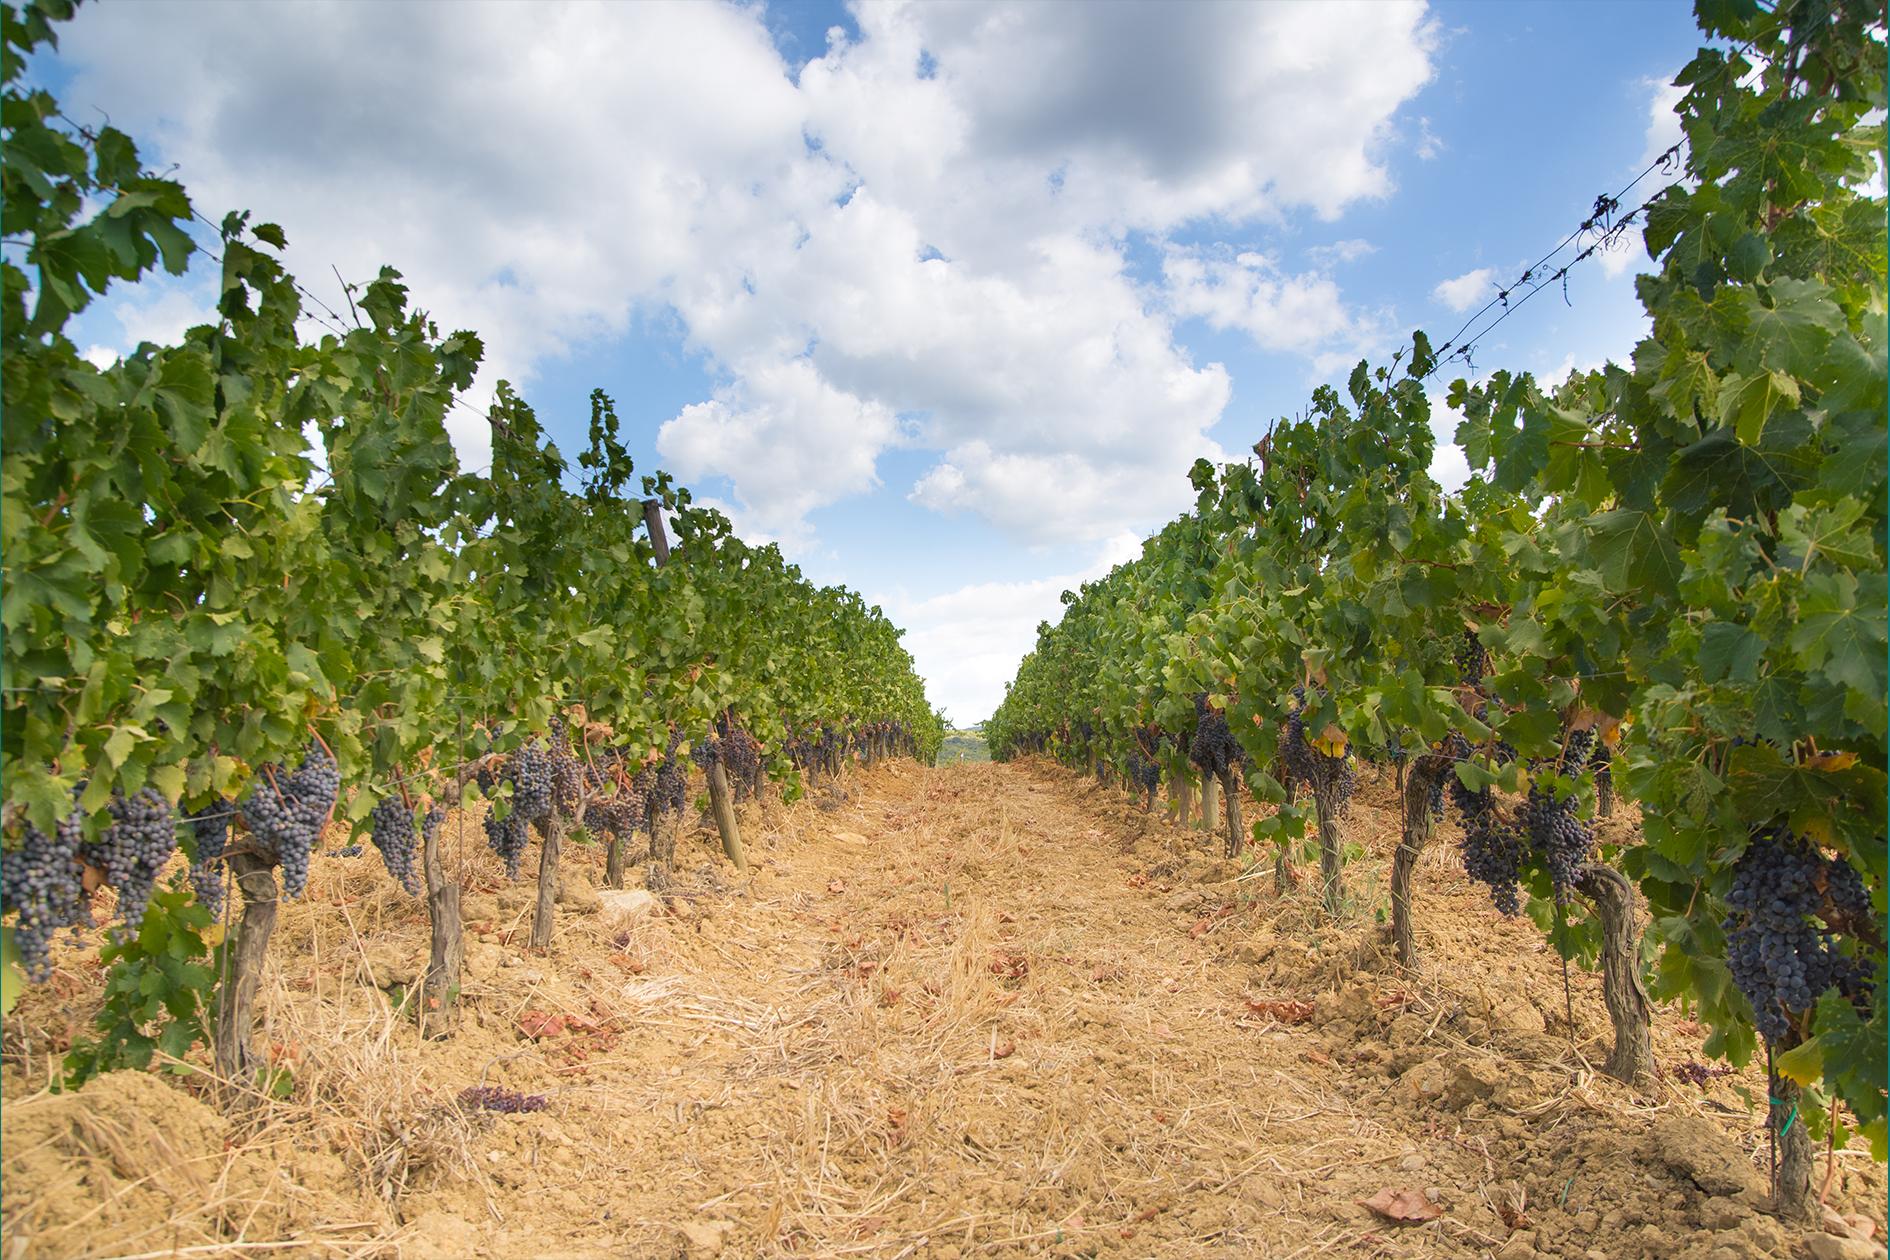 jason-b-graham-grapes-uzum-0005